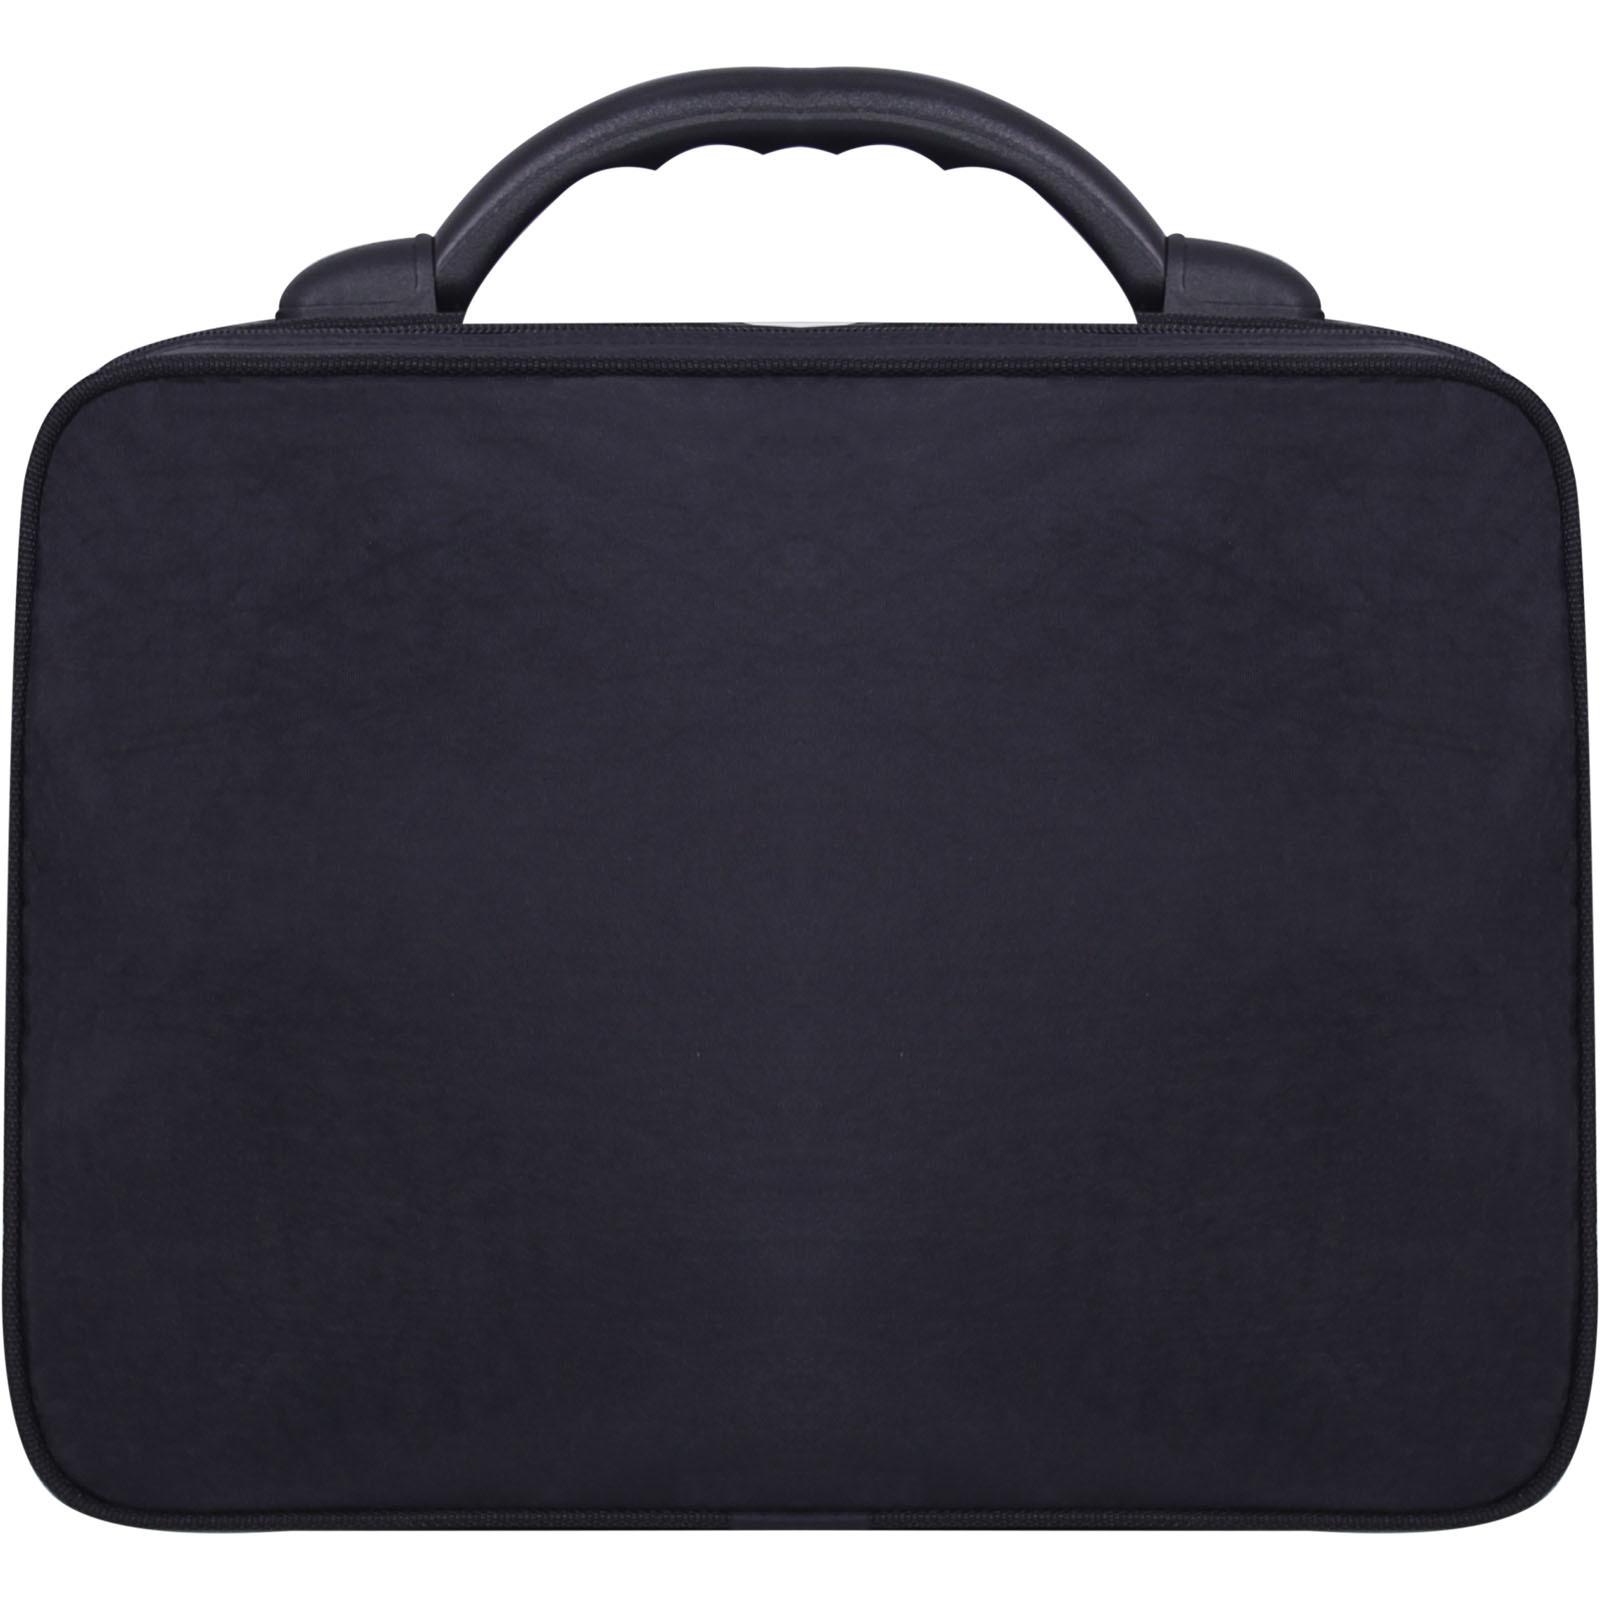 Мужская сумка Bagland Mr.Cool 15 л. Чёрный (0025170) фото 5